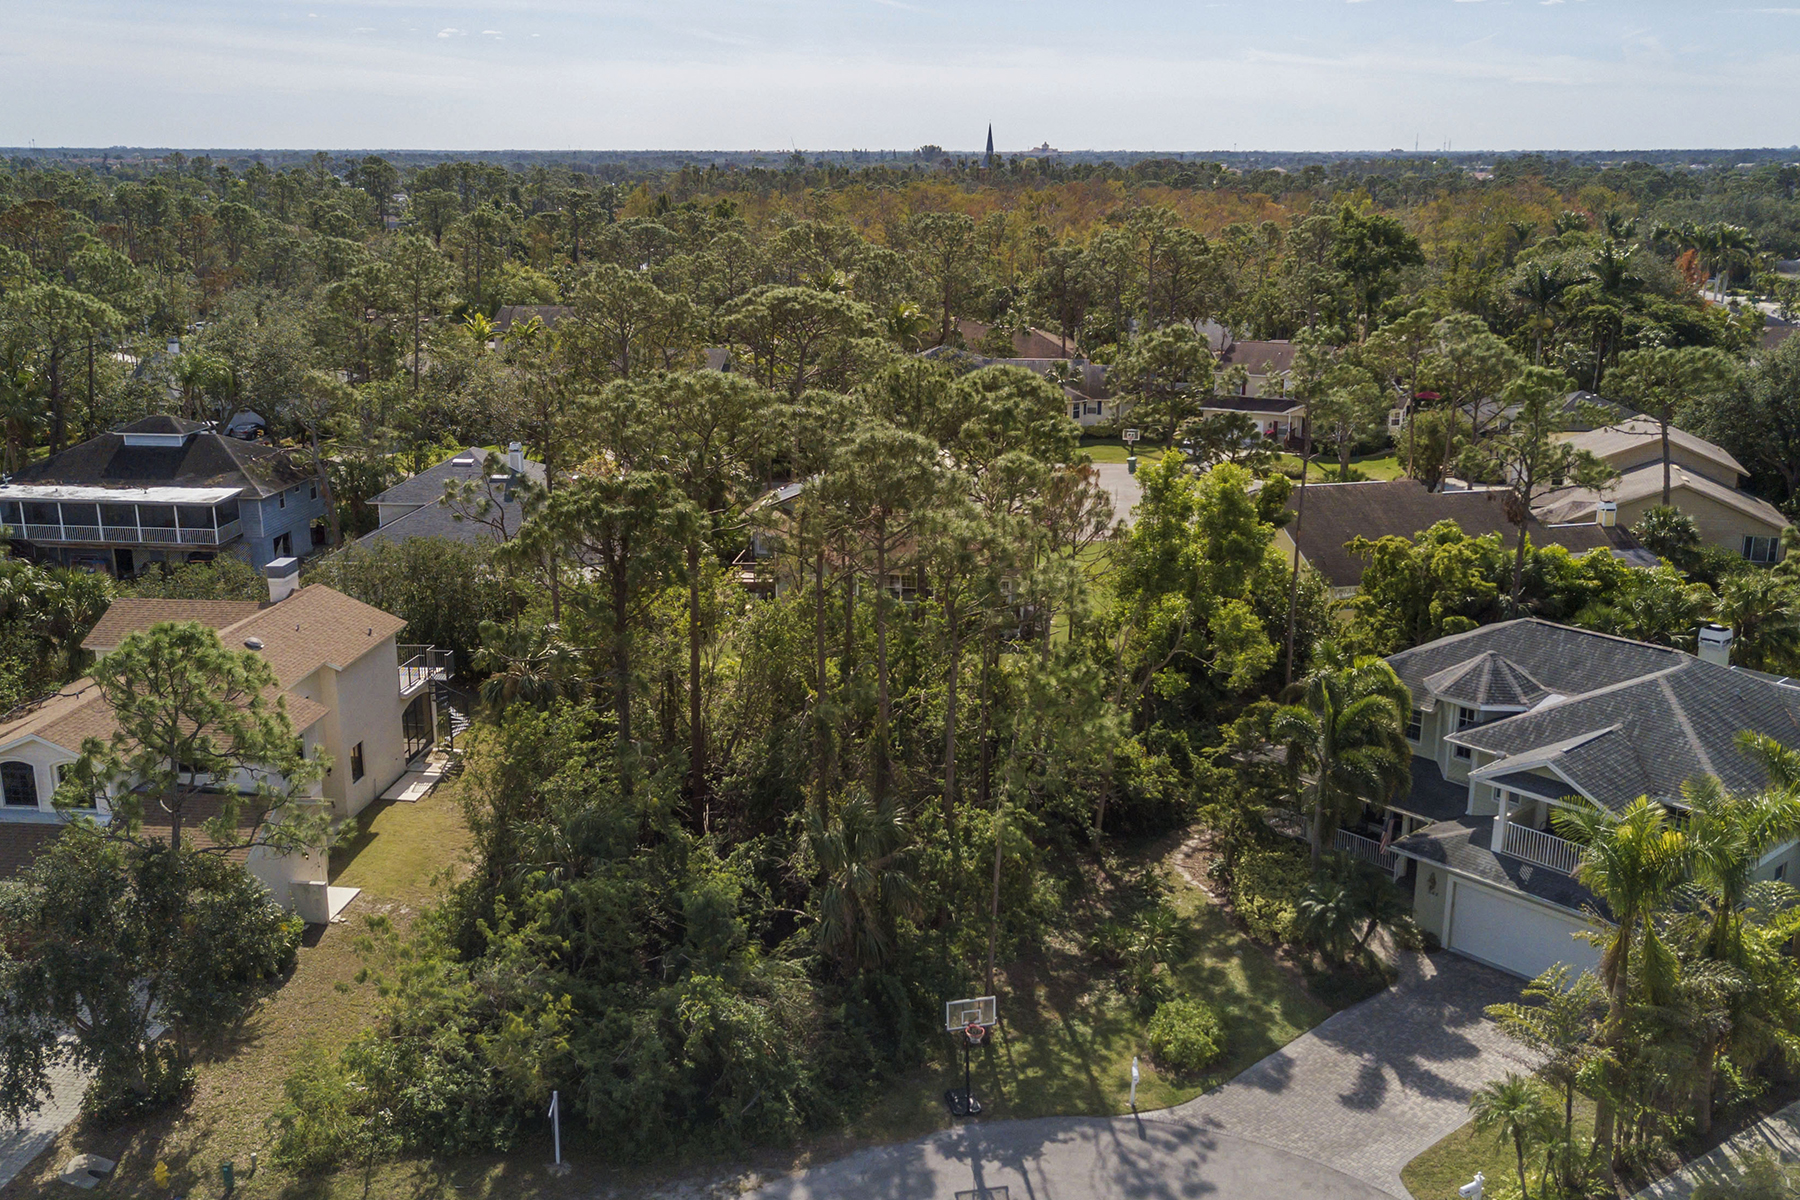 Земля для того Продажа на PALM RIVER - CANDLEWOOD 540 Carpenter Ct, Naples, Флорида, 34110 Соединенные Штаты